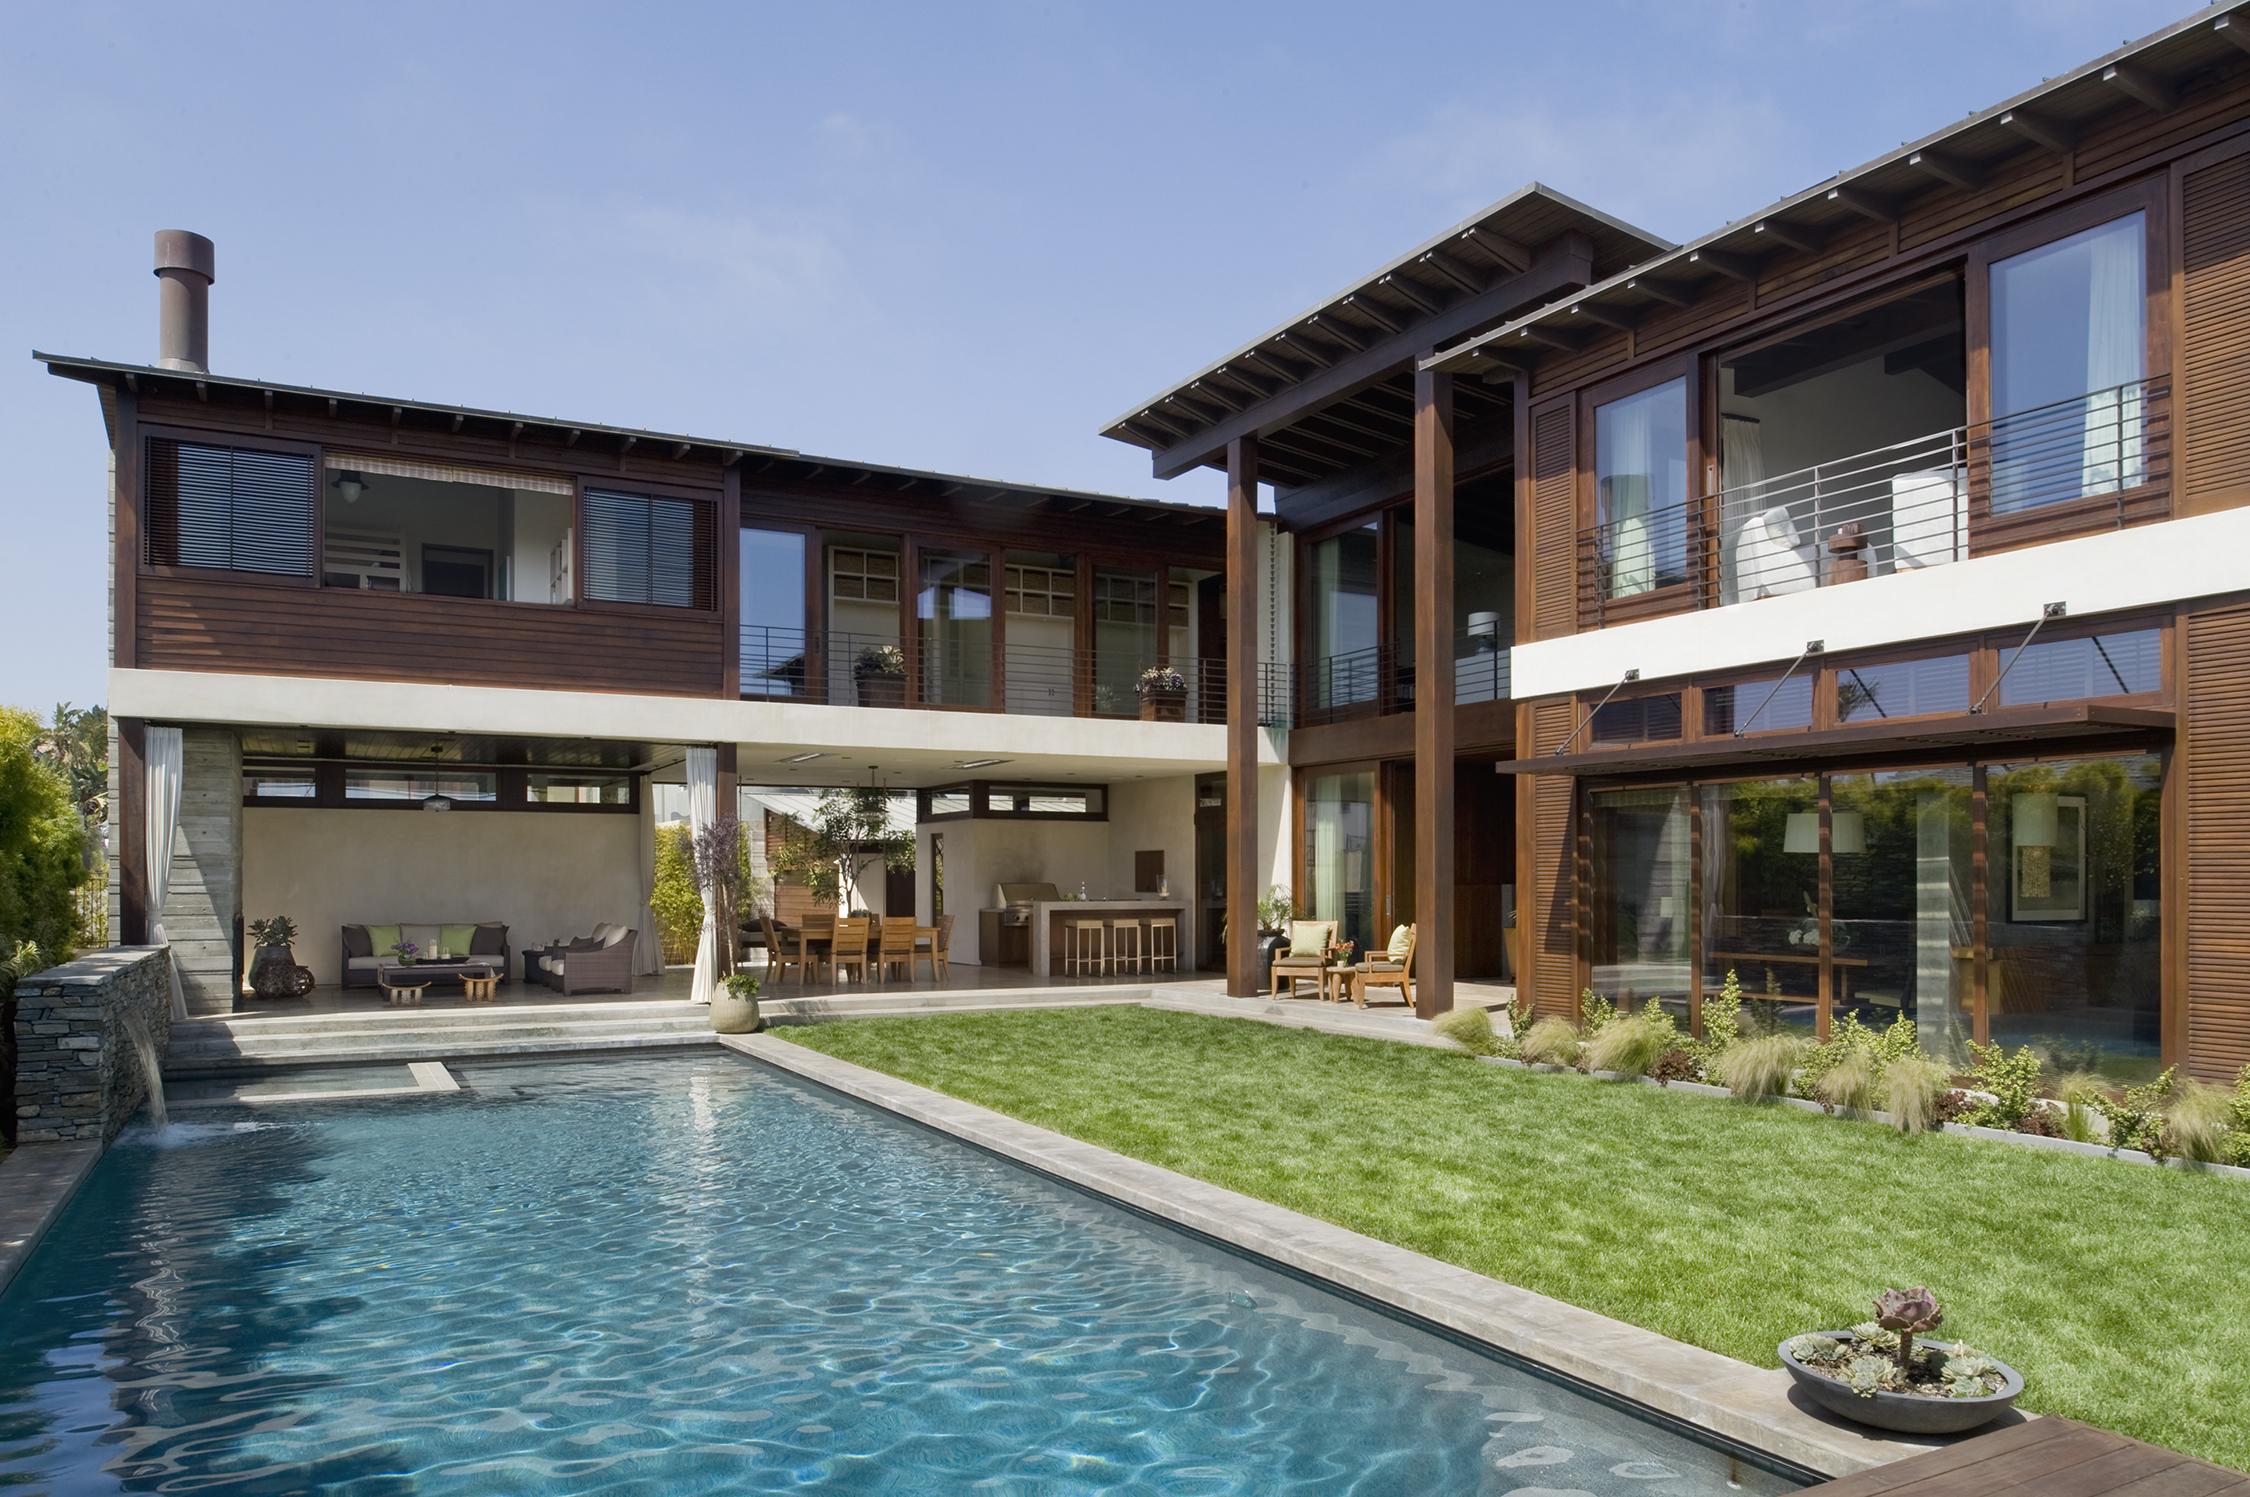 14 Zisette Pool to House Angled.jpg